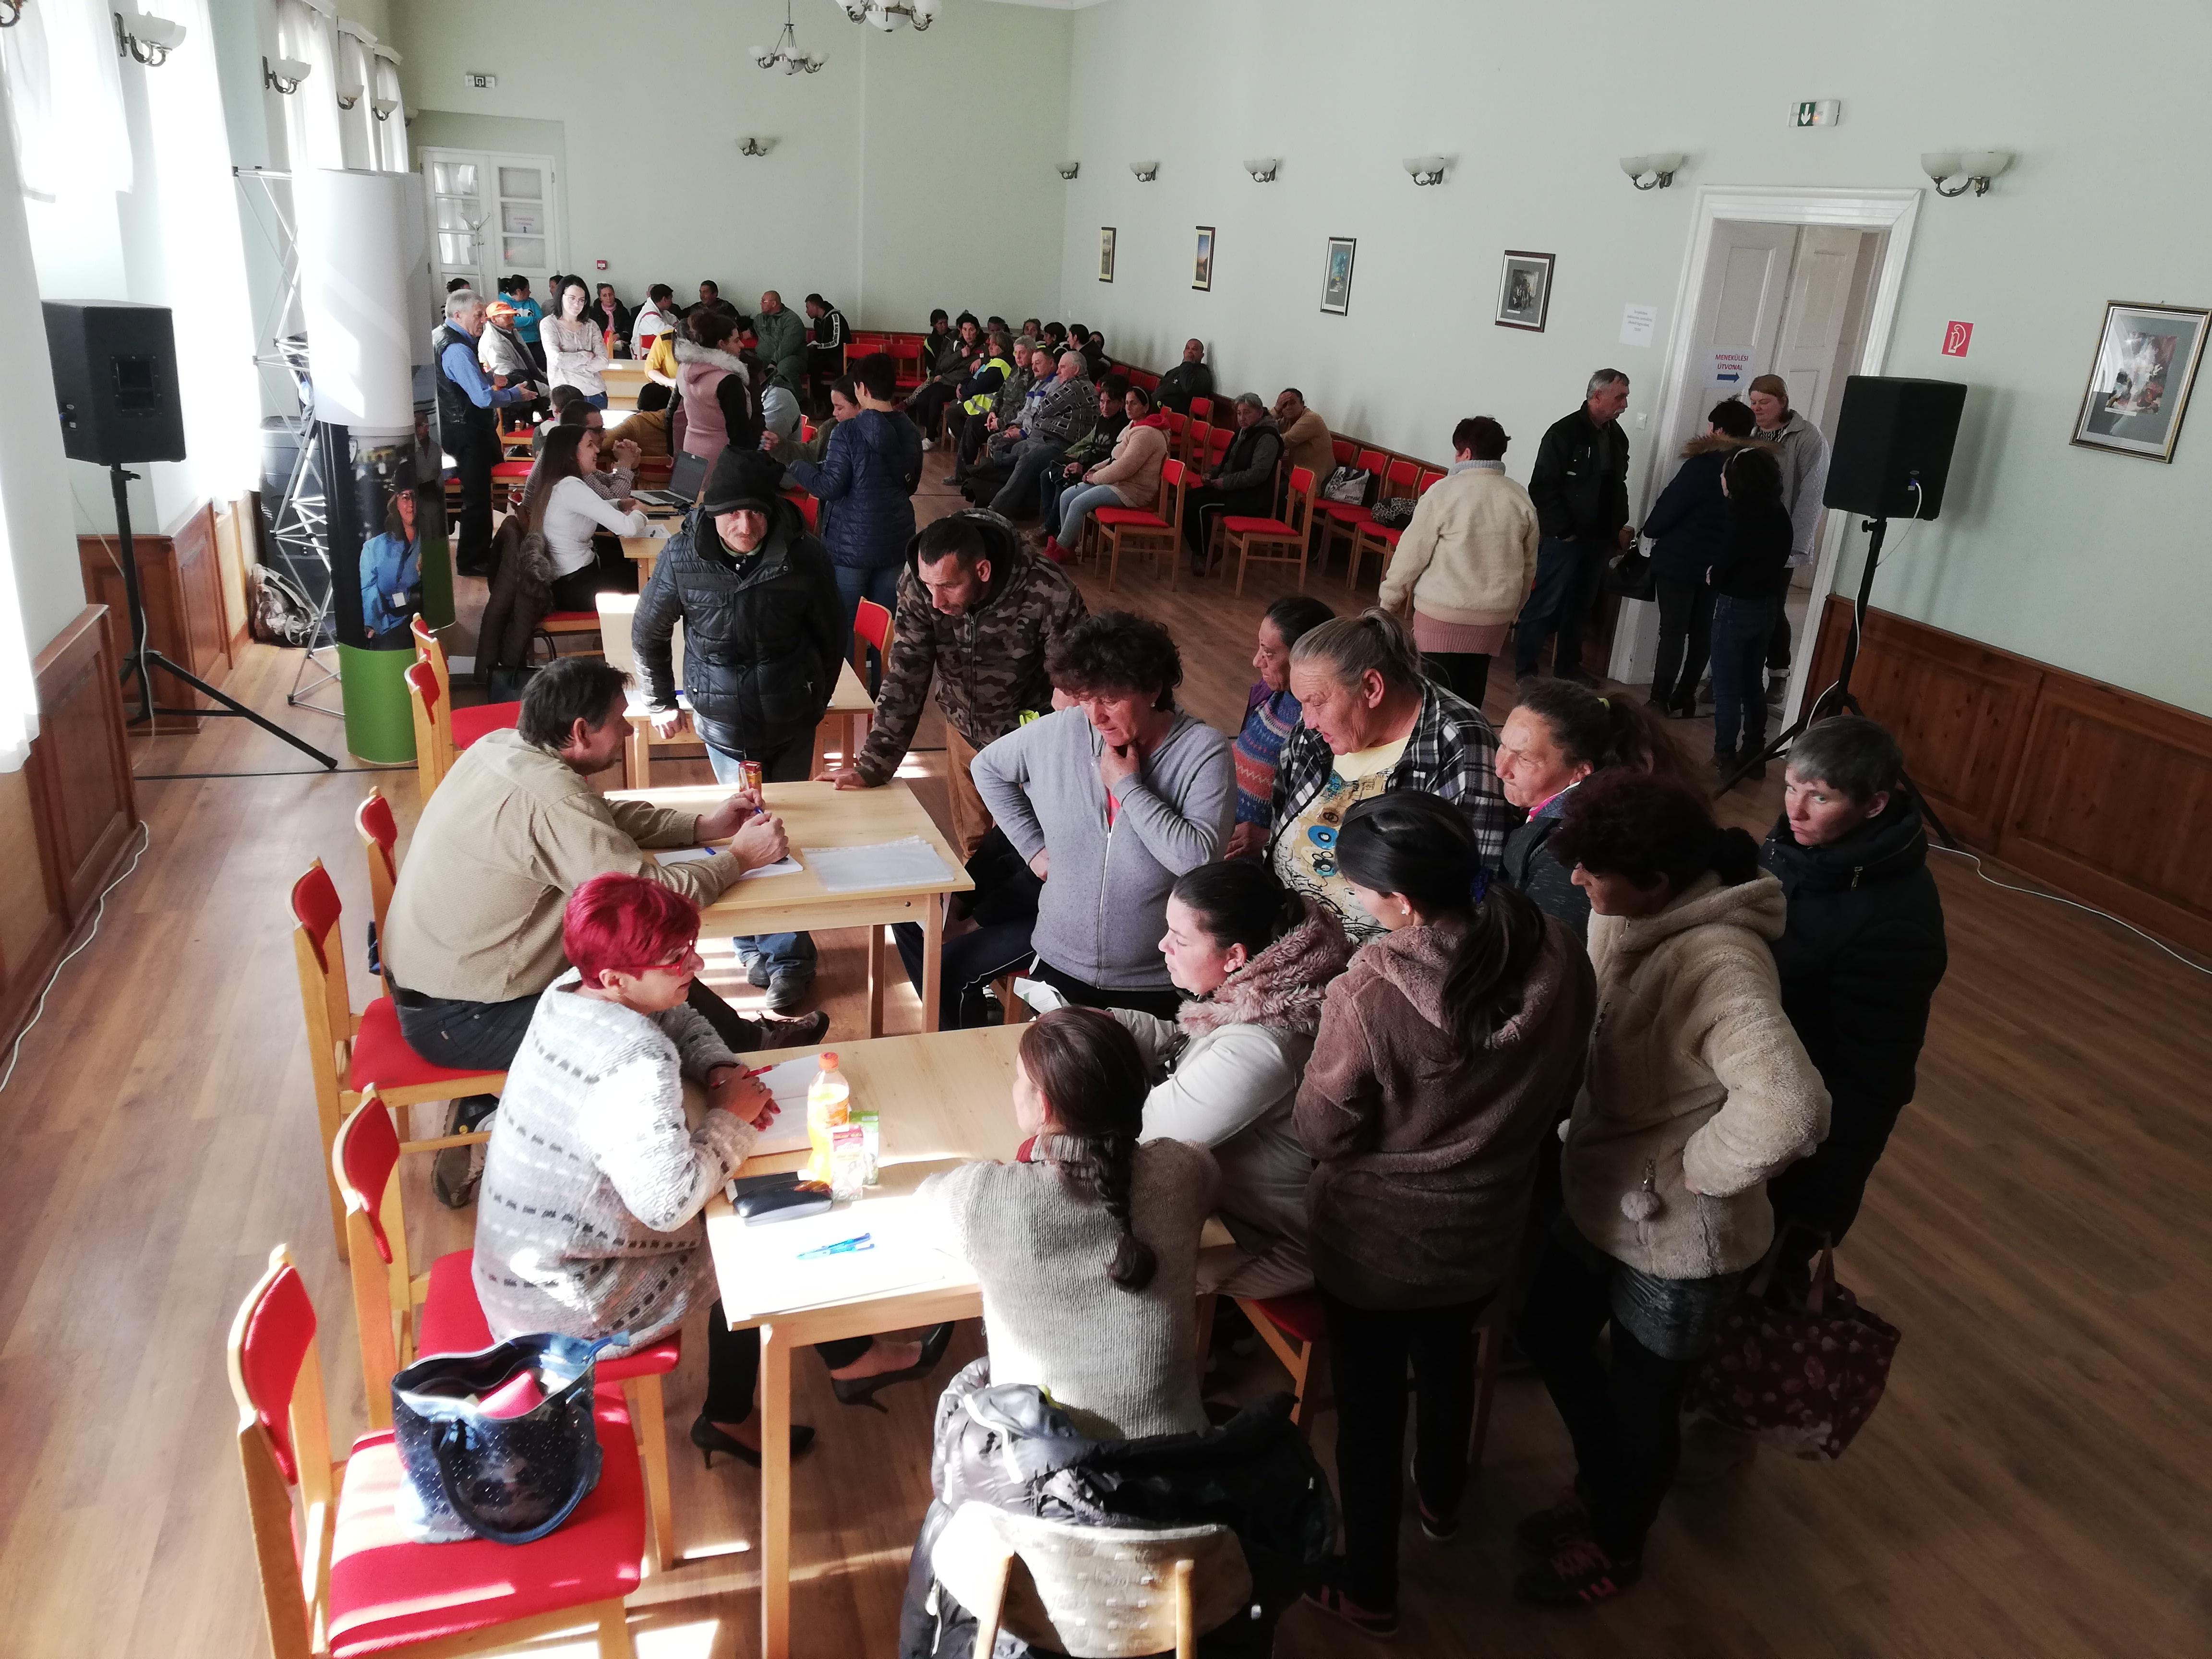 2019 03 - Munkaerőbörze Tiszadadán